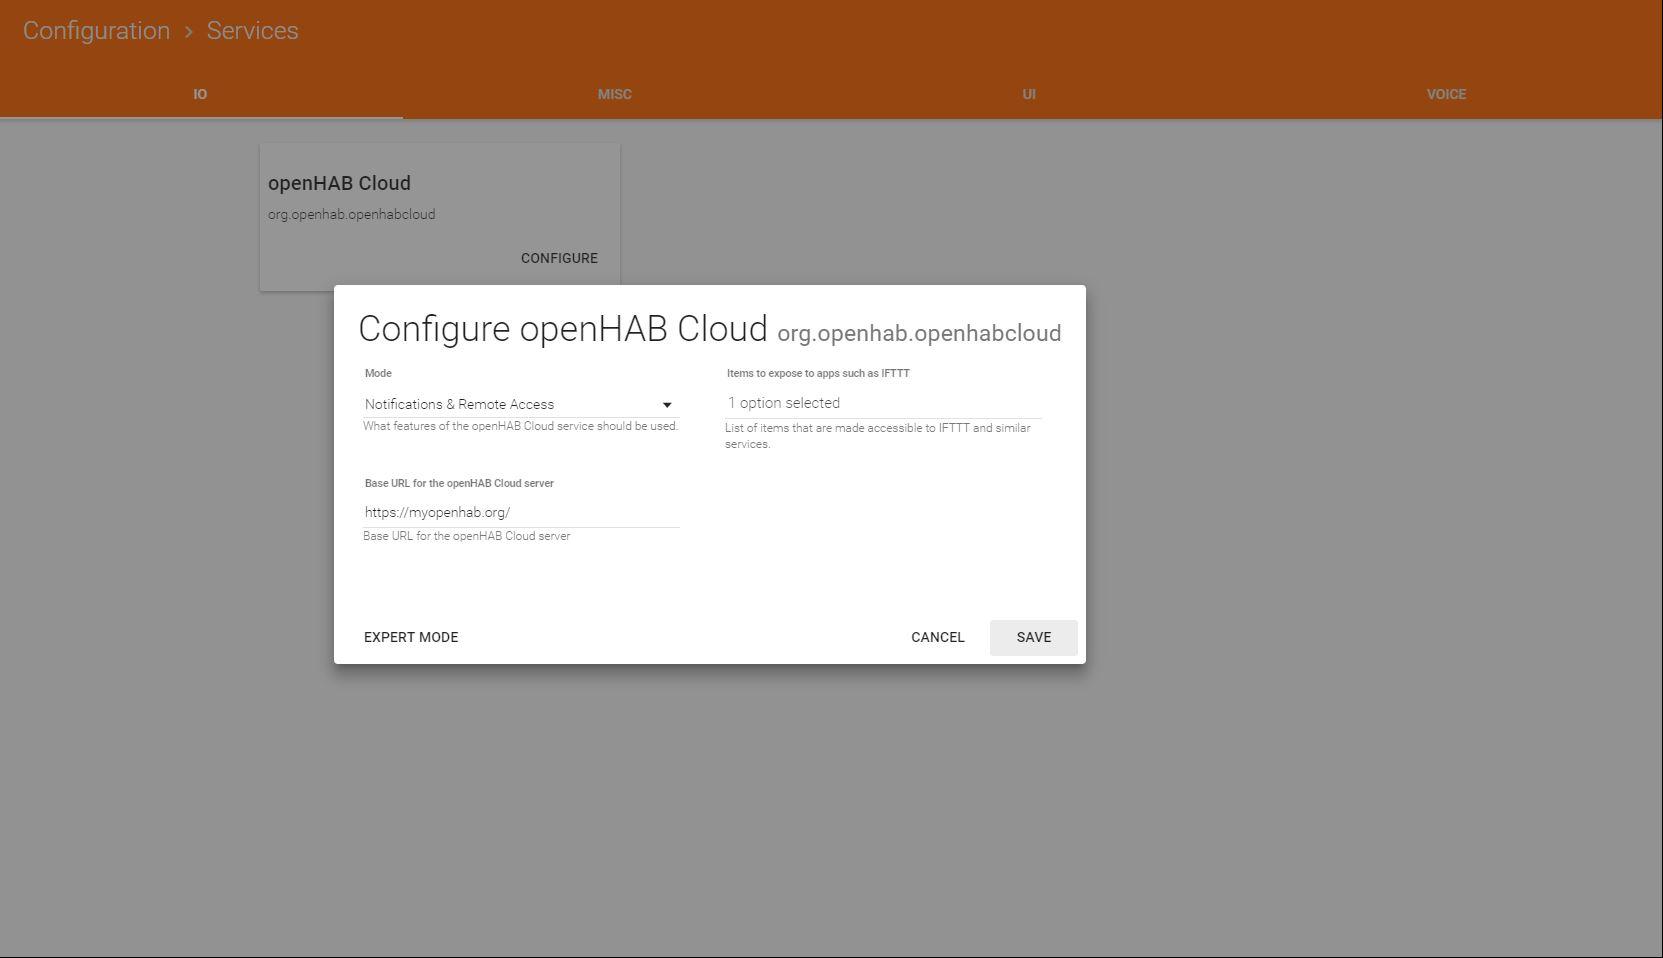 MyOpenhab always OFFLINE - openHAB Cloud - openHAB Community